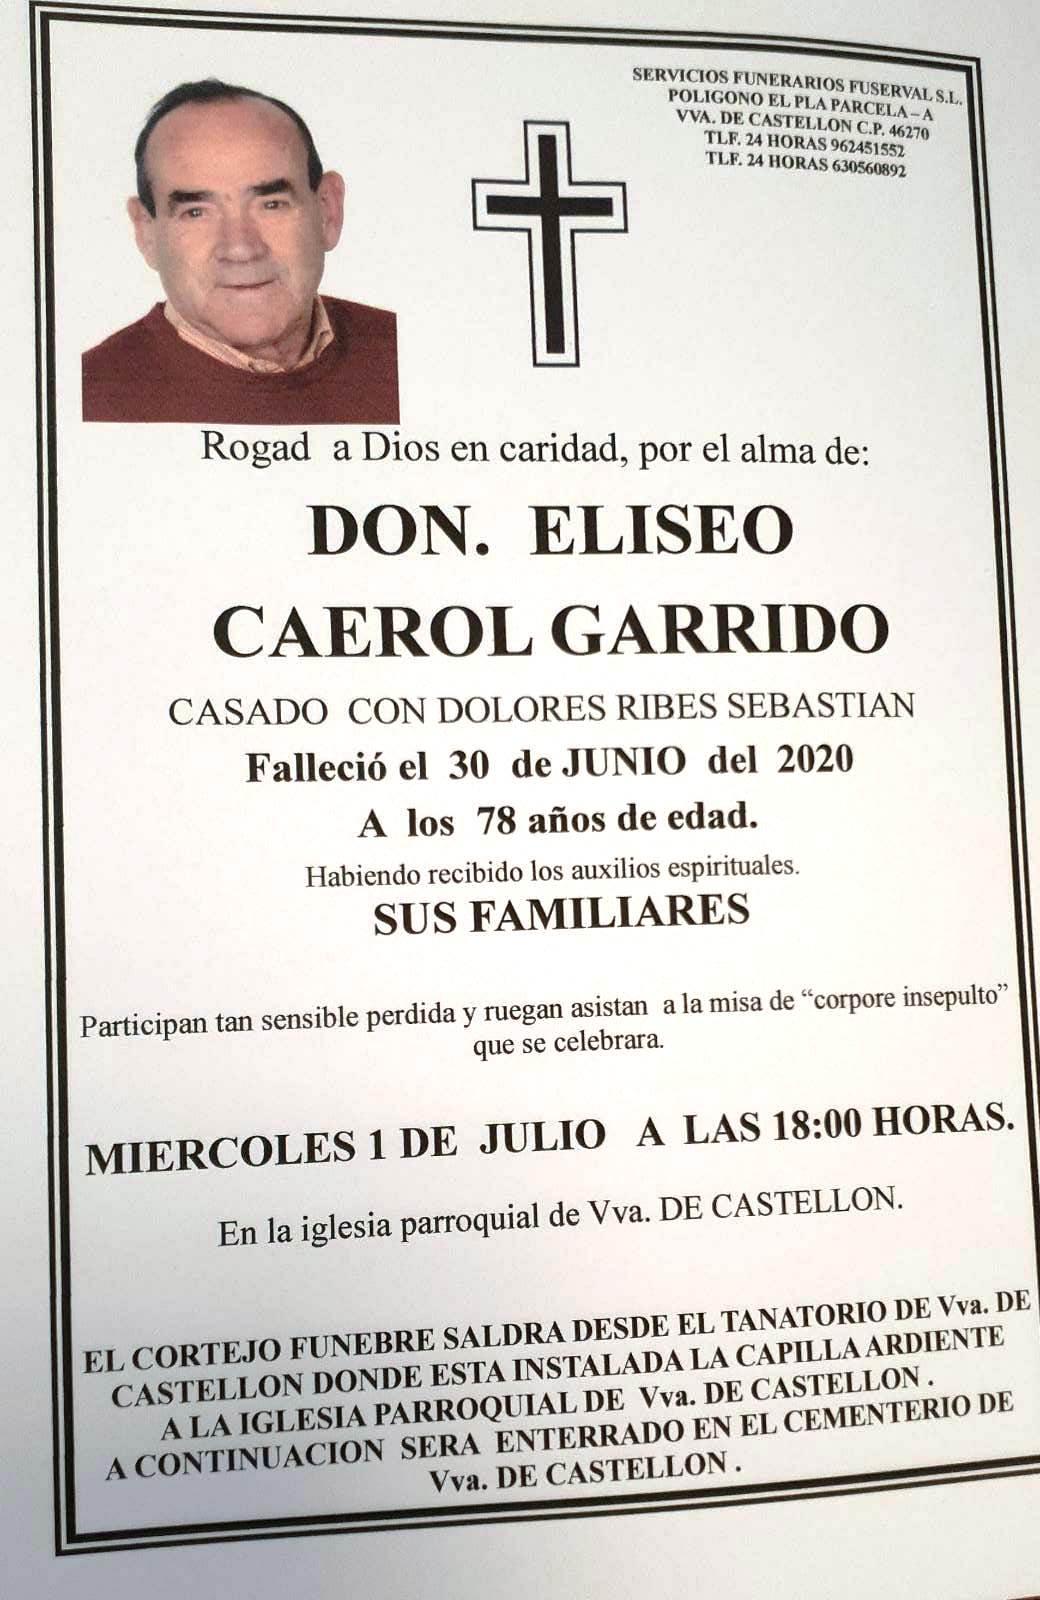 Obituari - ELISEO CAEROL GARRIDO